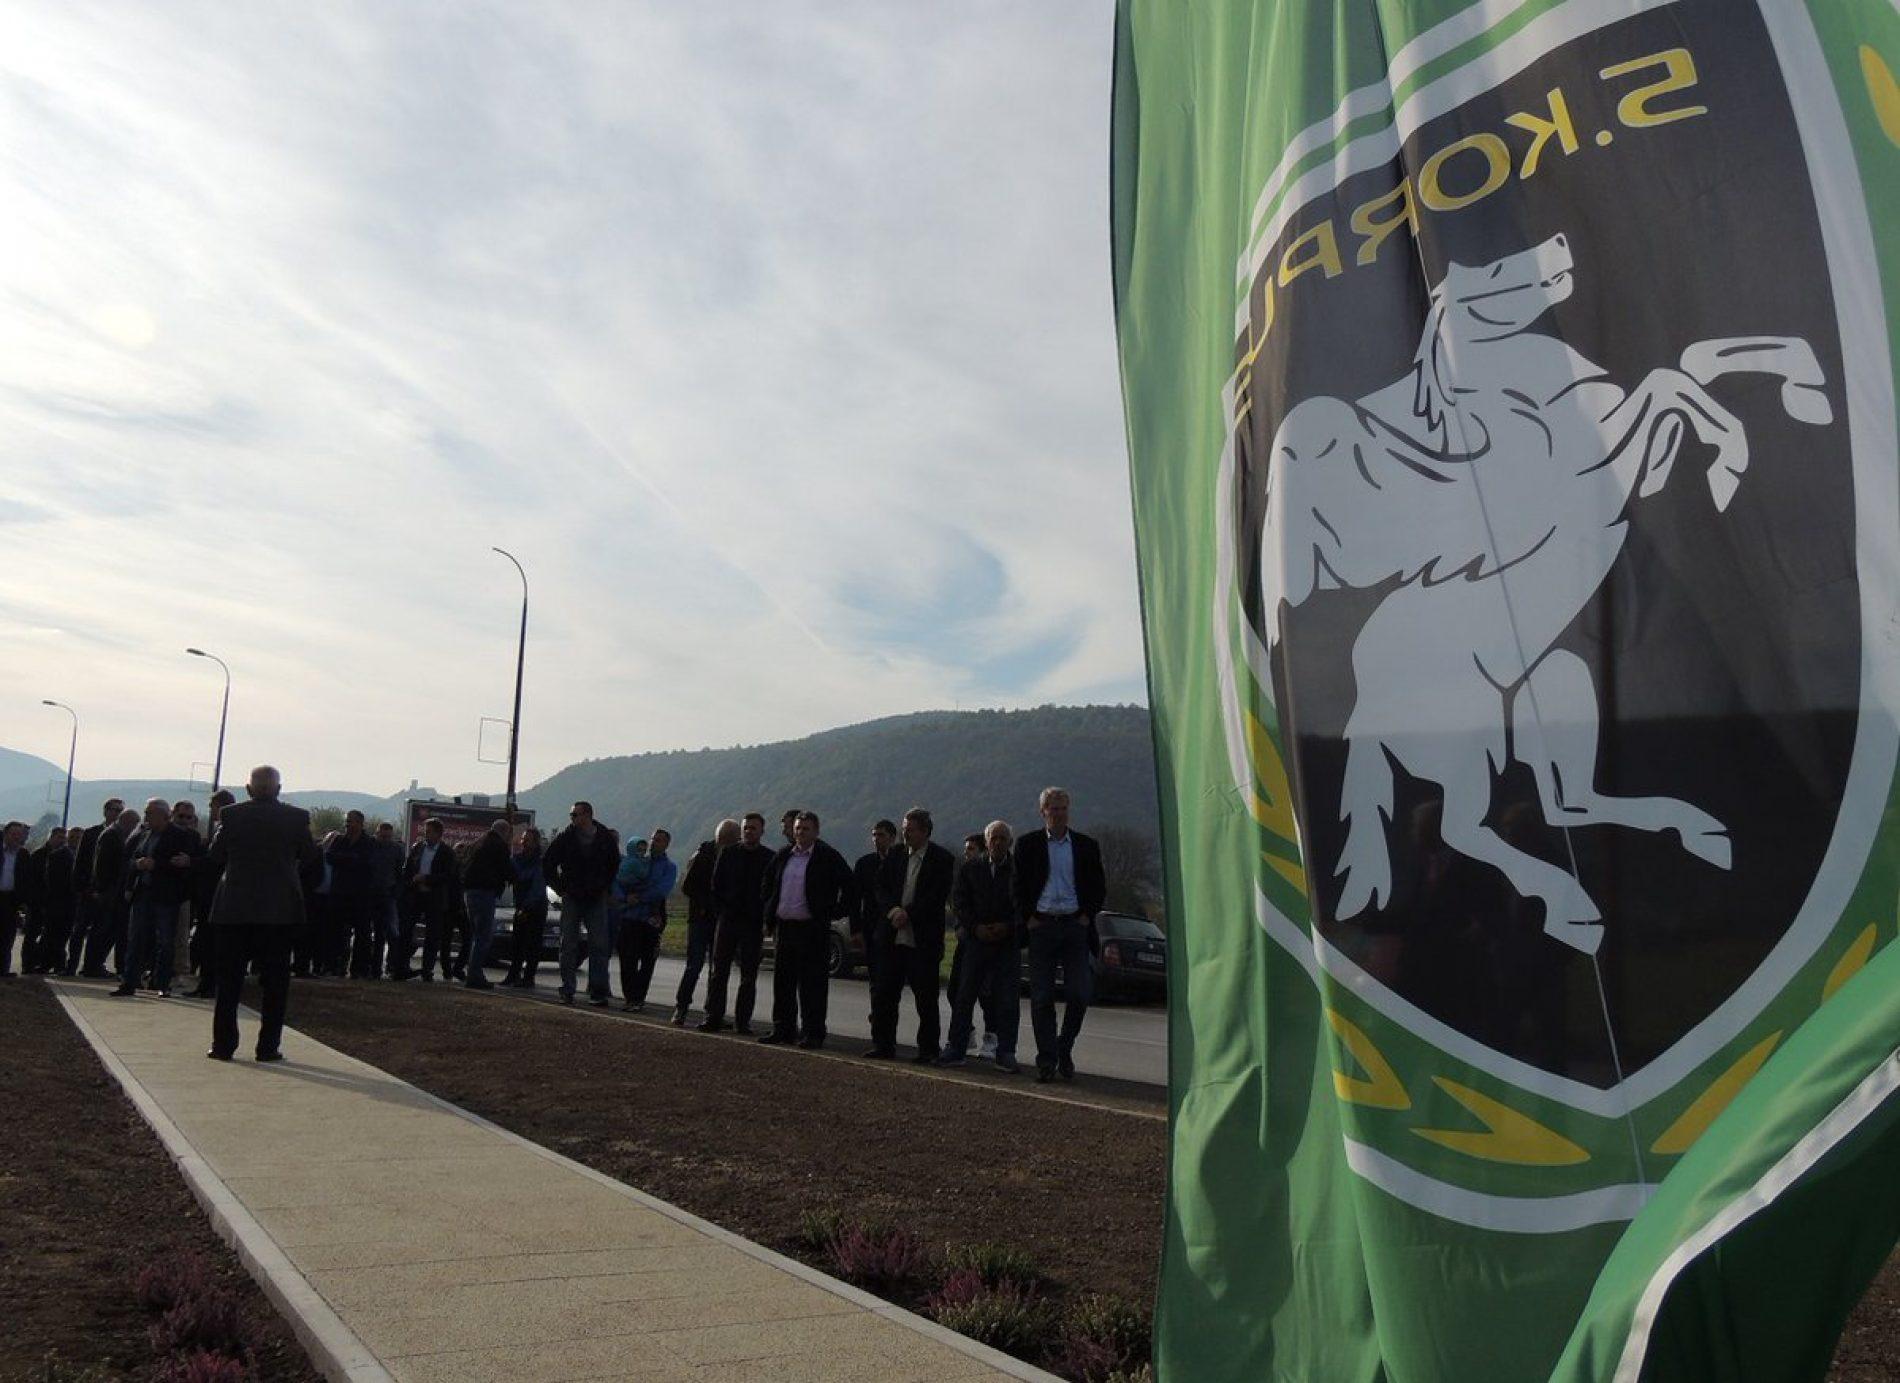 Obilježavanje 25. godišnjice od osnivanja: Zastava 5. Korpusa ARBiH podignuta na ulazu u Bihać